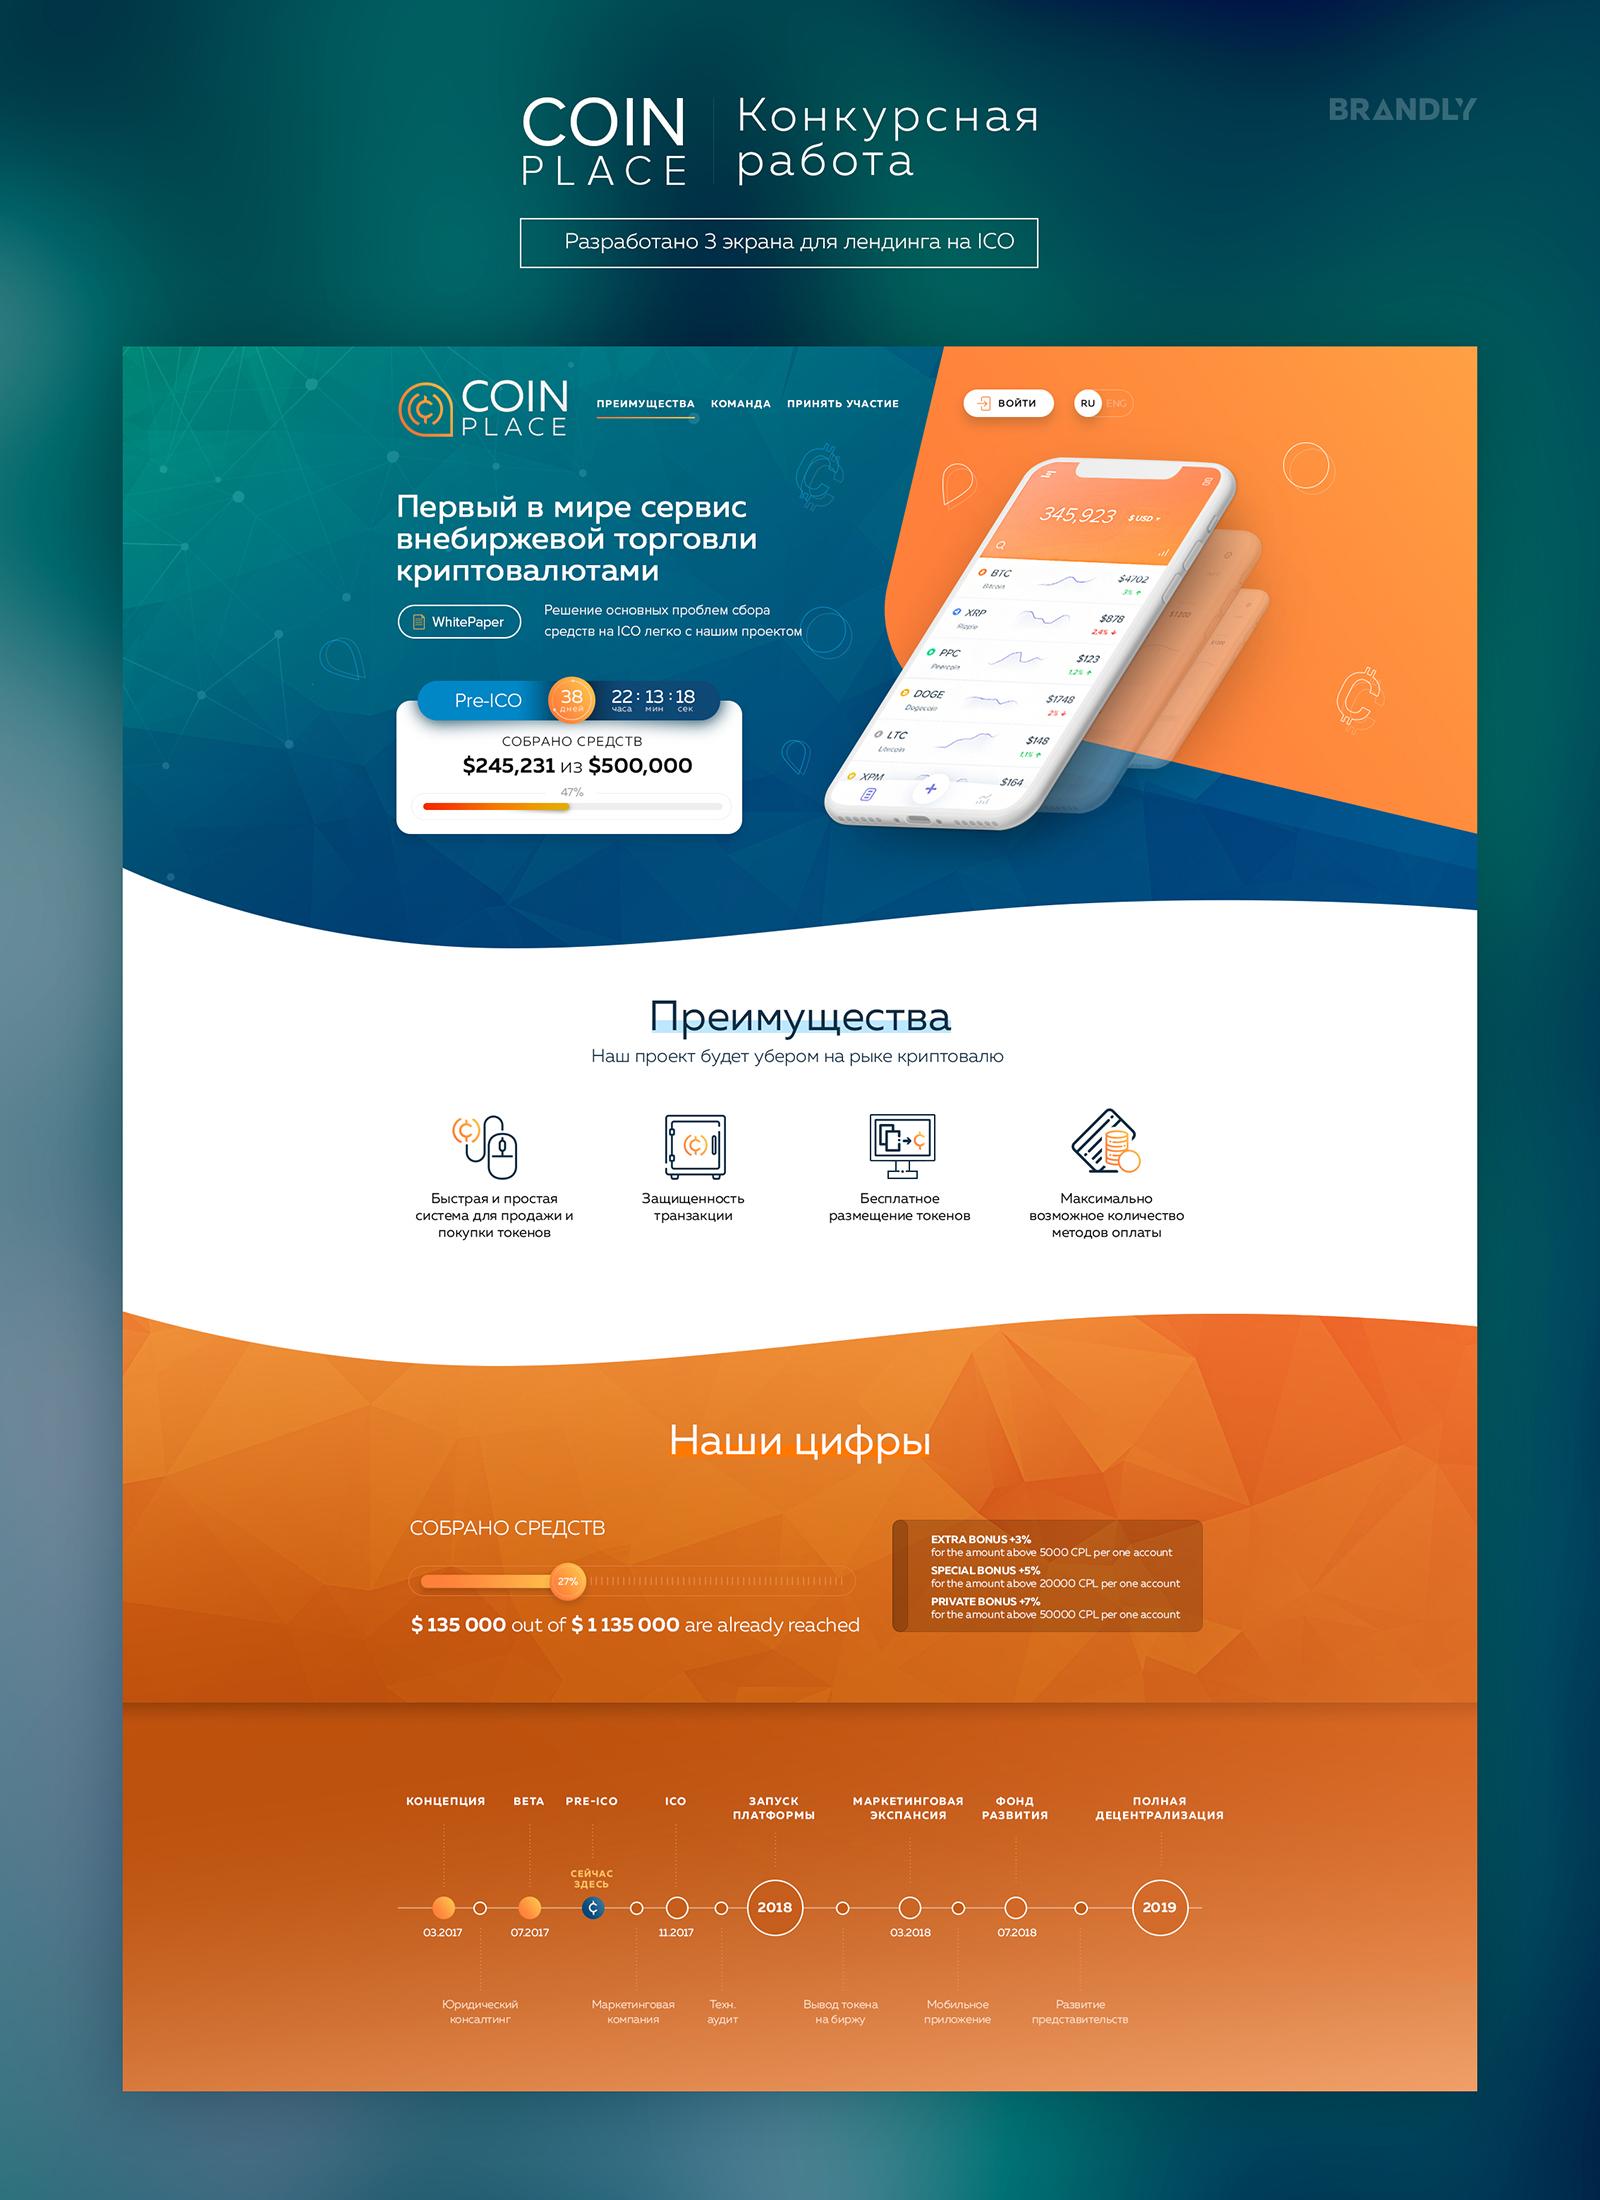 Дизайн сайта 4 экрана.(далее контракт на работы на 50 т.р.) фото f_17659dbc512d7874.jpg